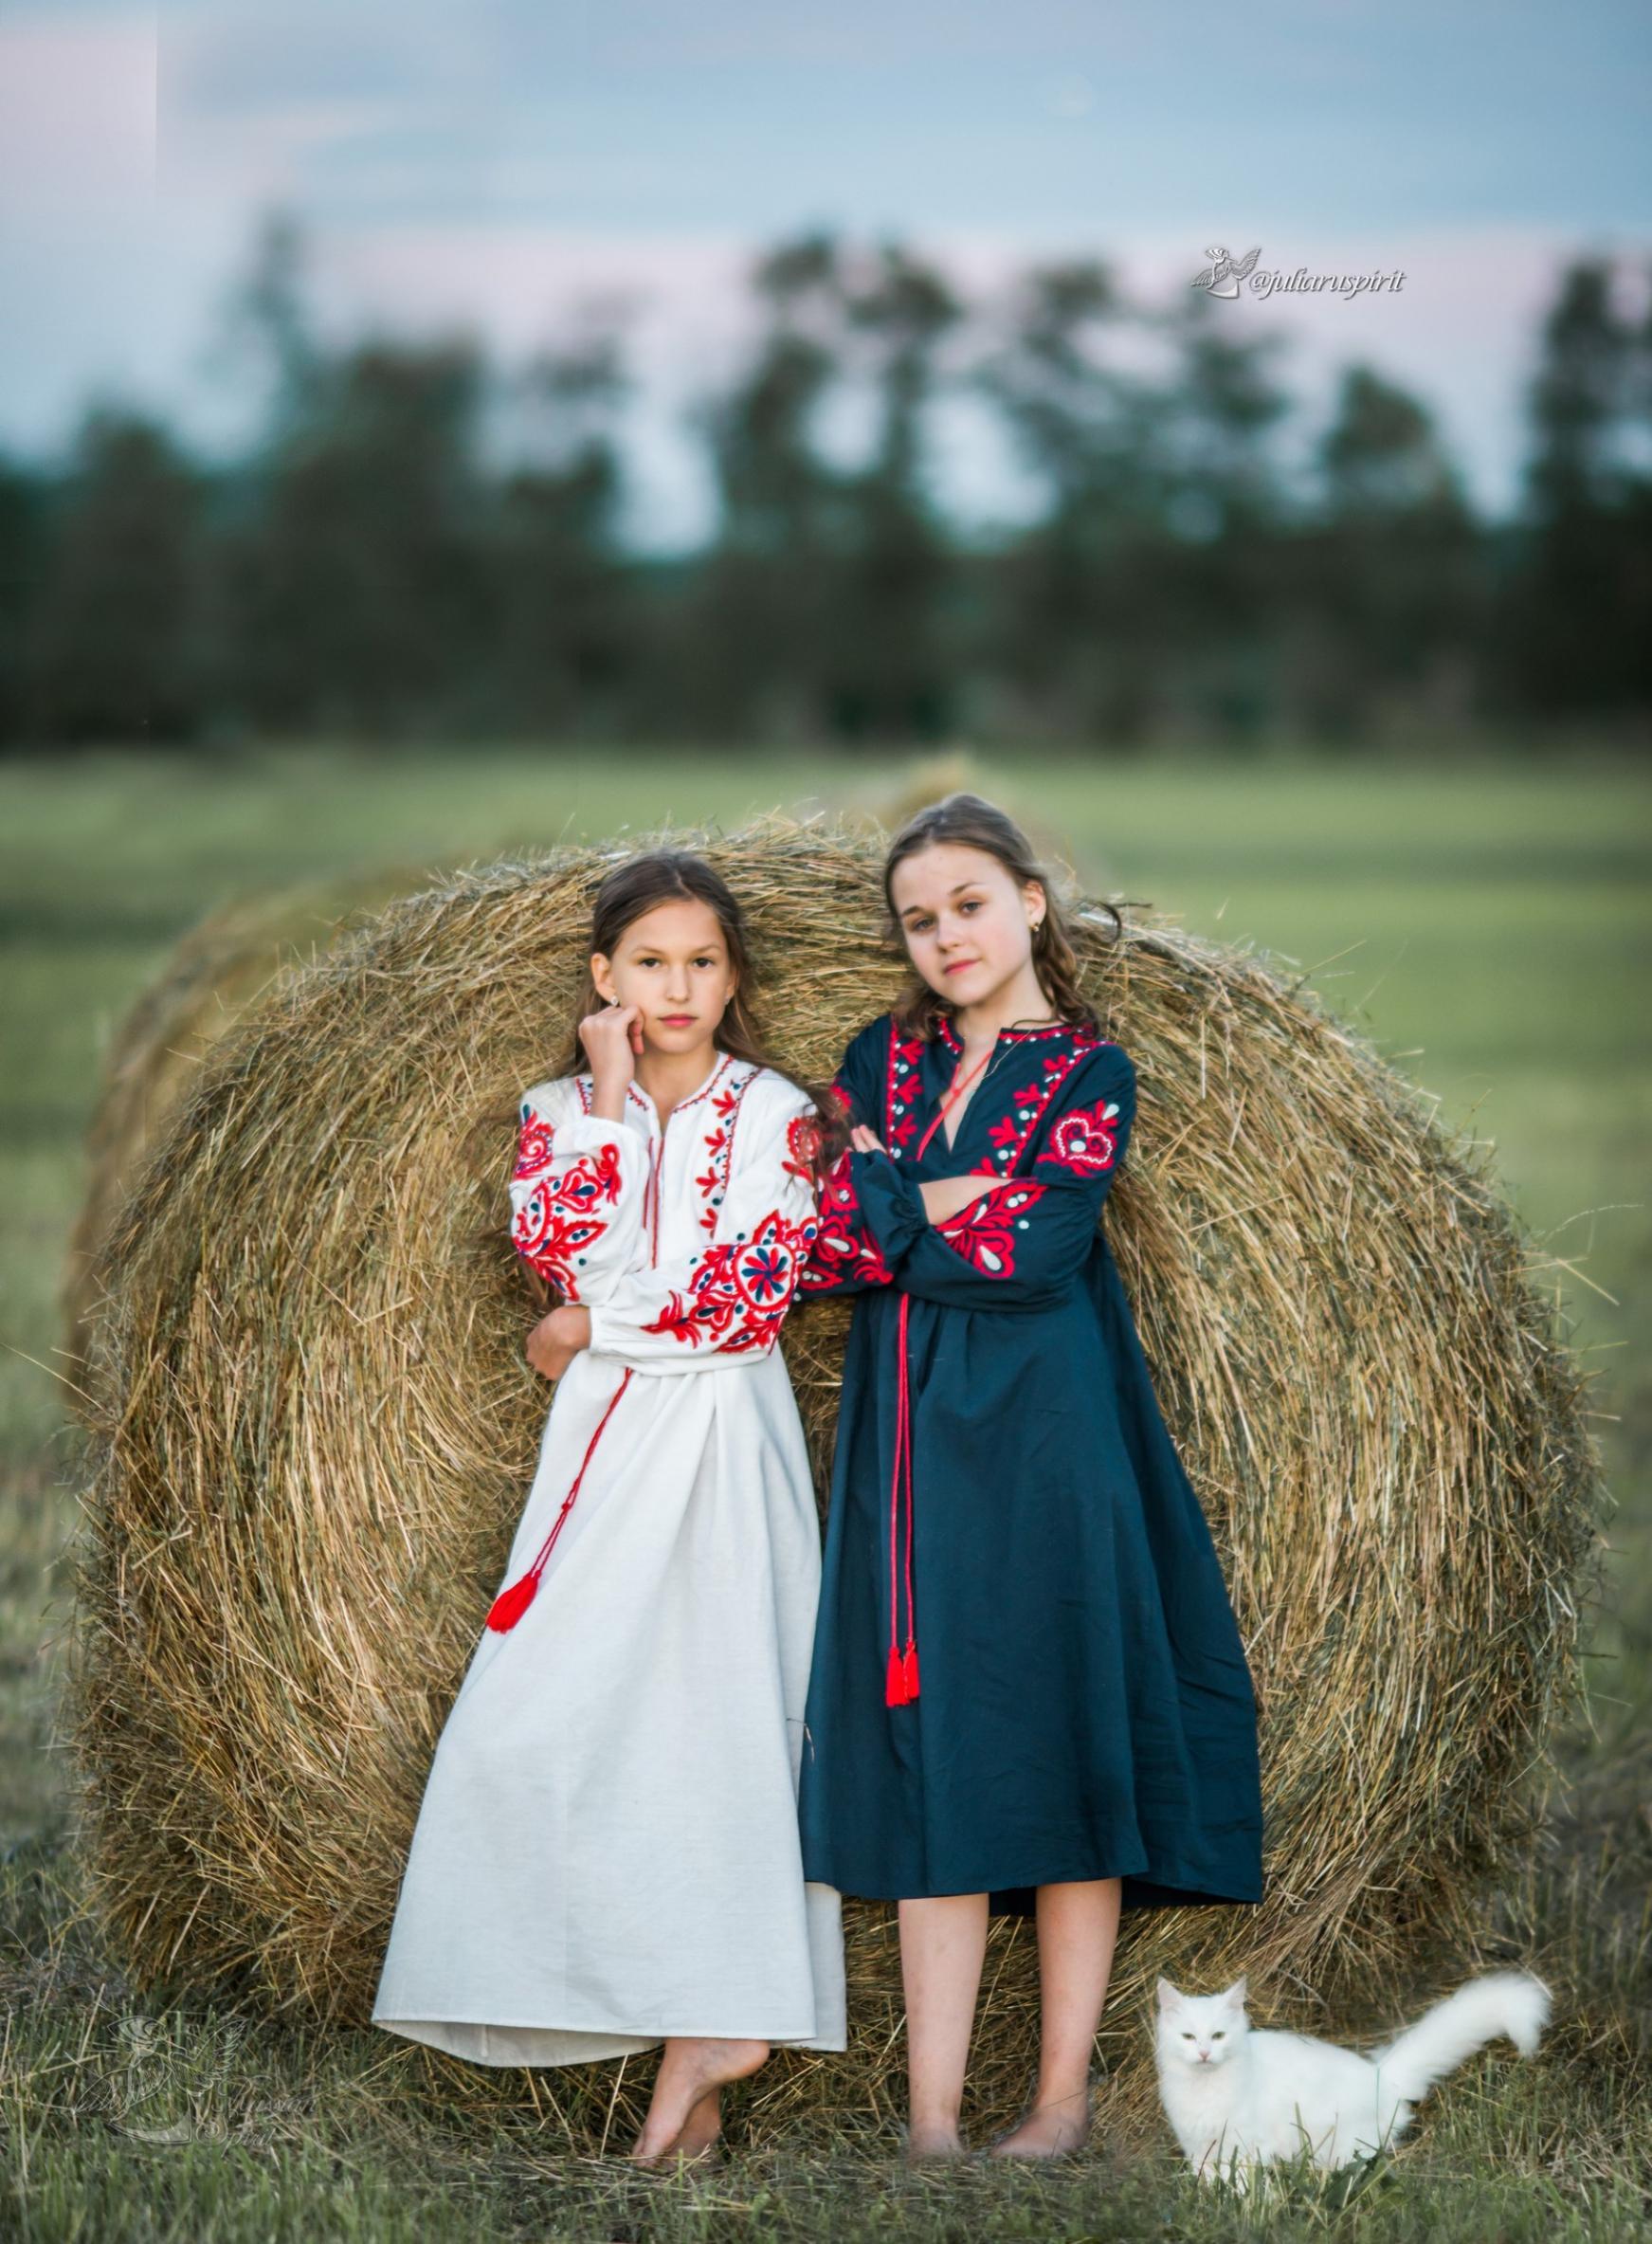 девочки у  стога в национальных русских платьях